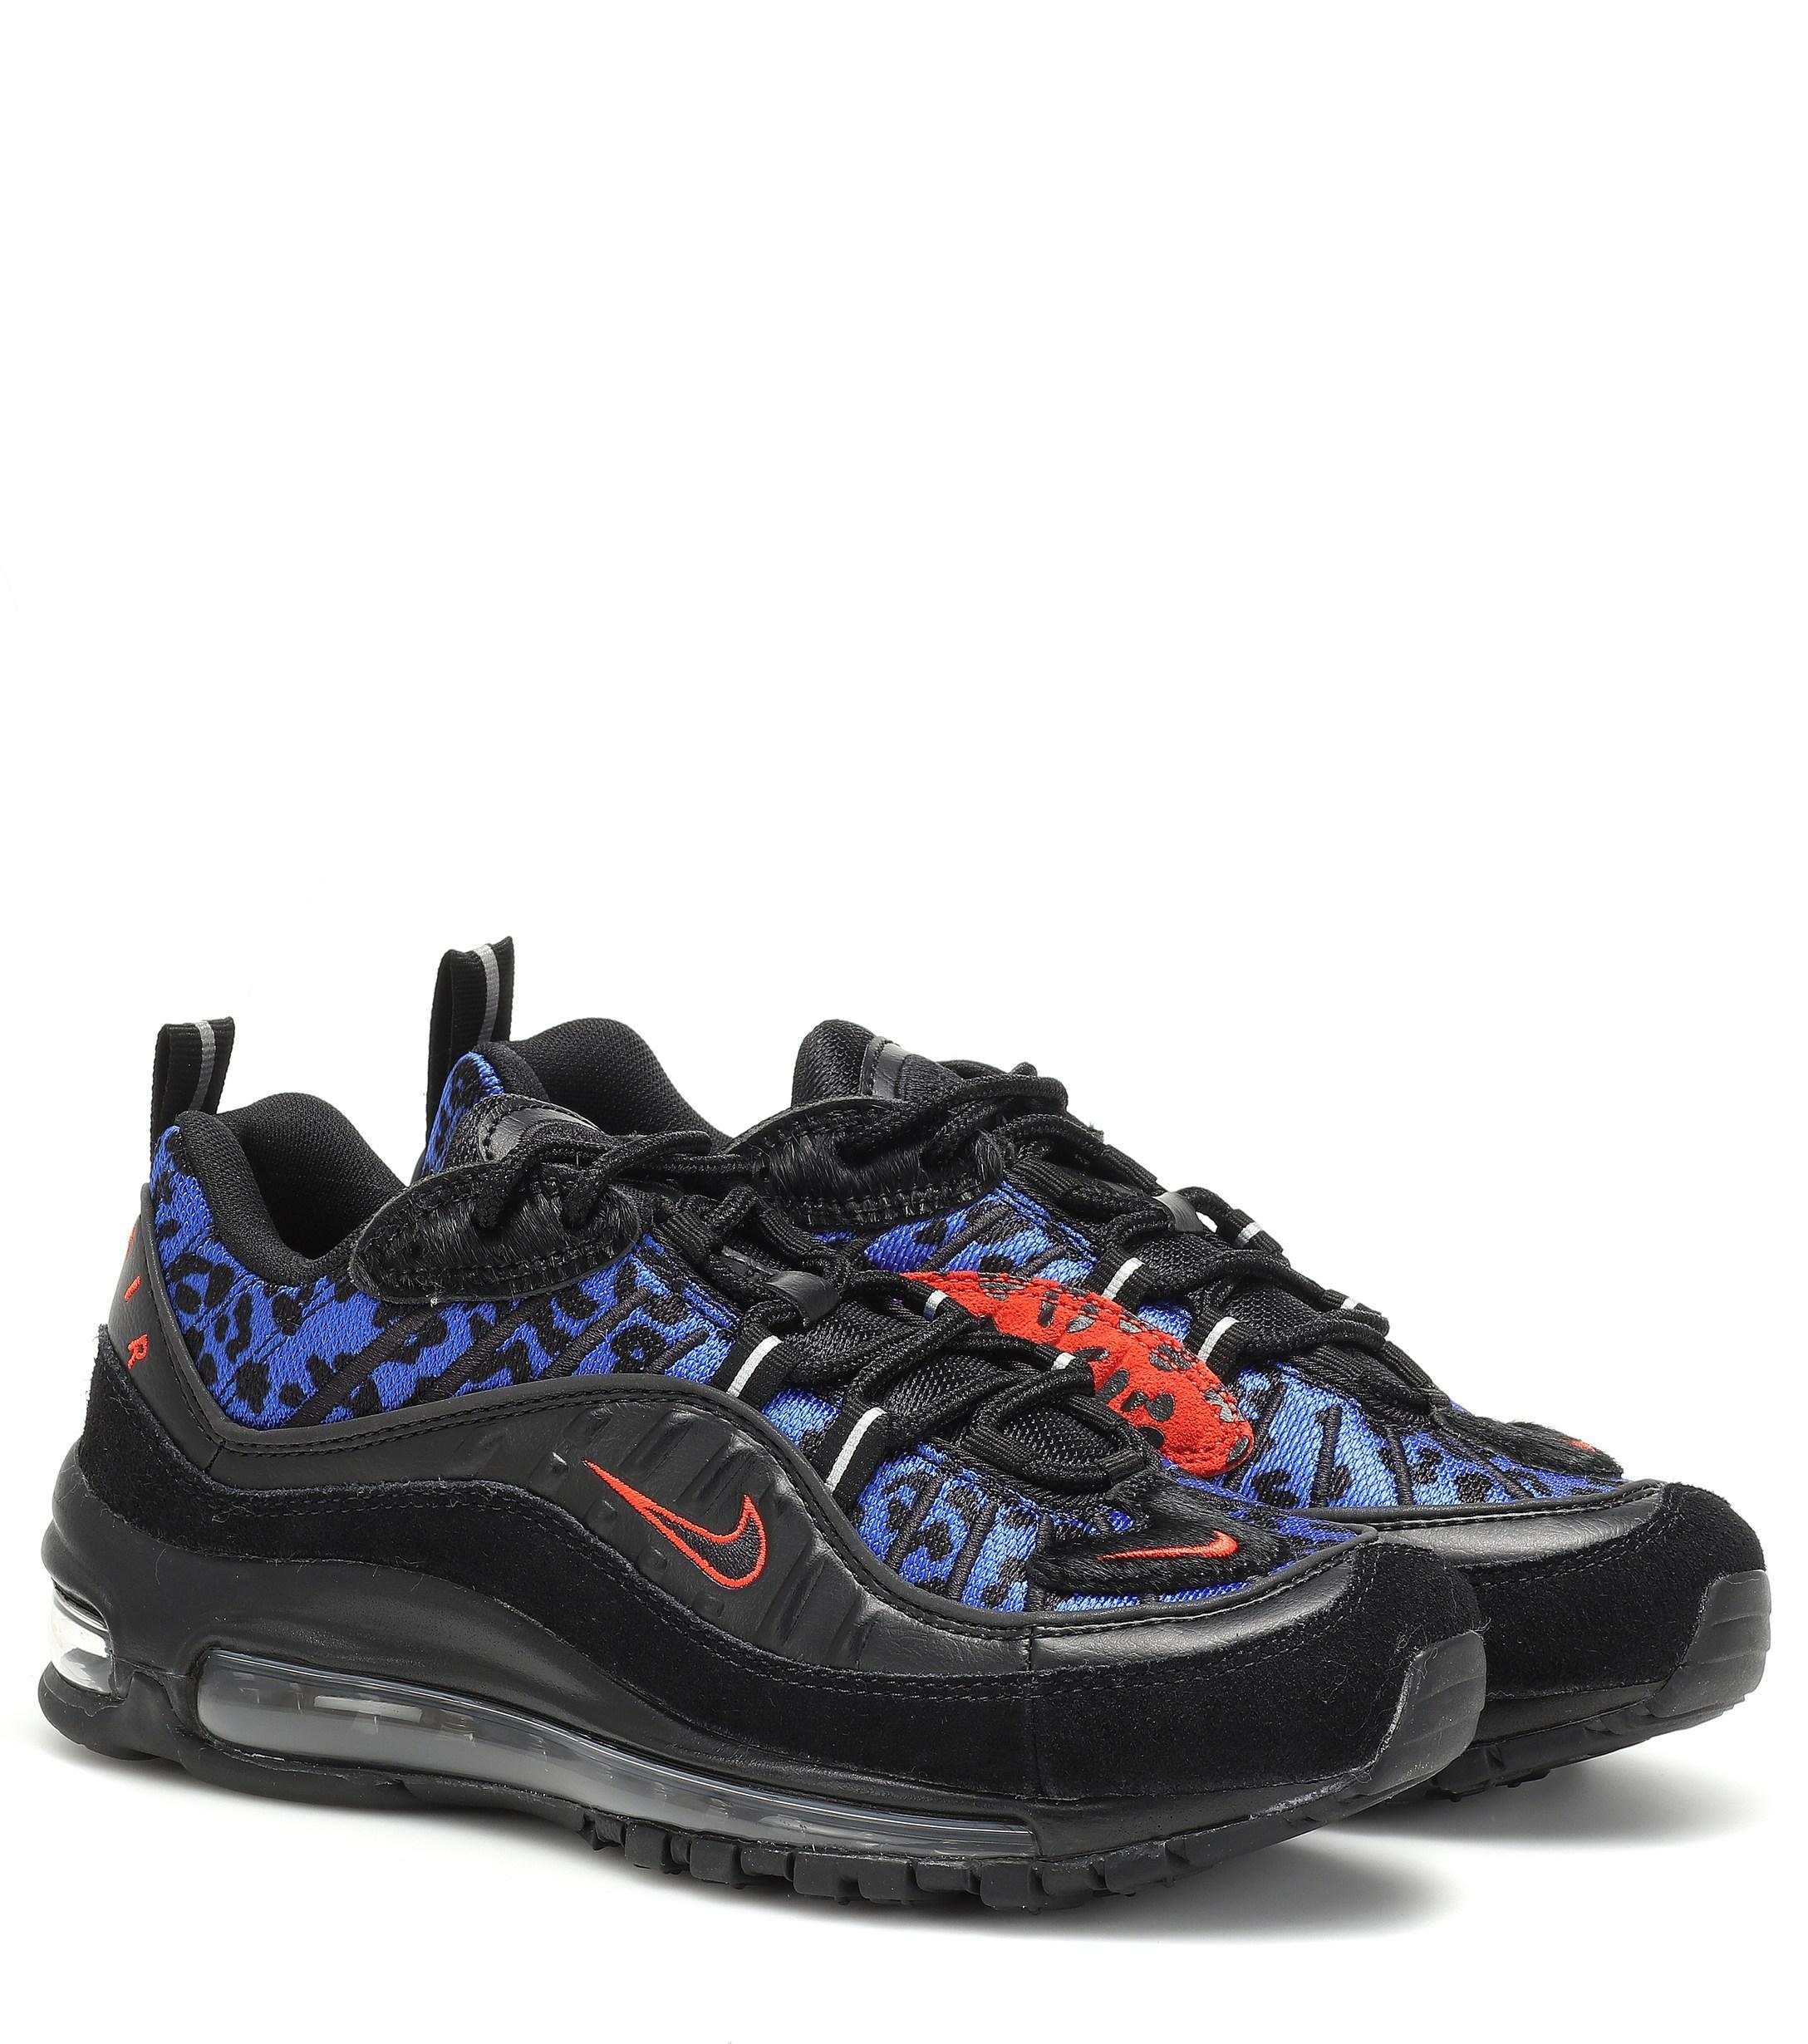 77829beb6125 Nike Air Max 98 Premium Animal Sneakers in Black - Save 9% - Lyst